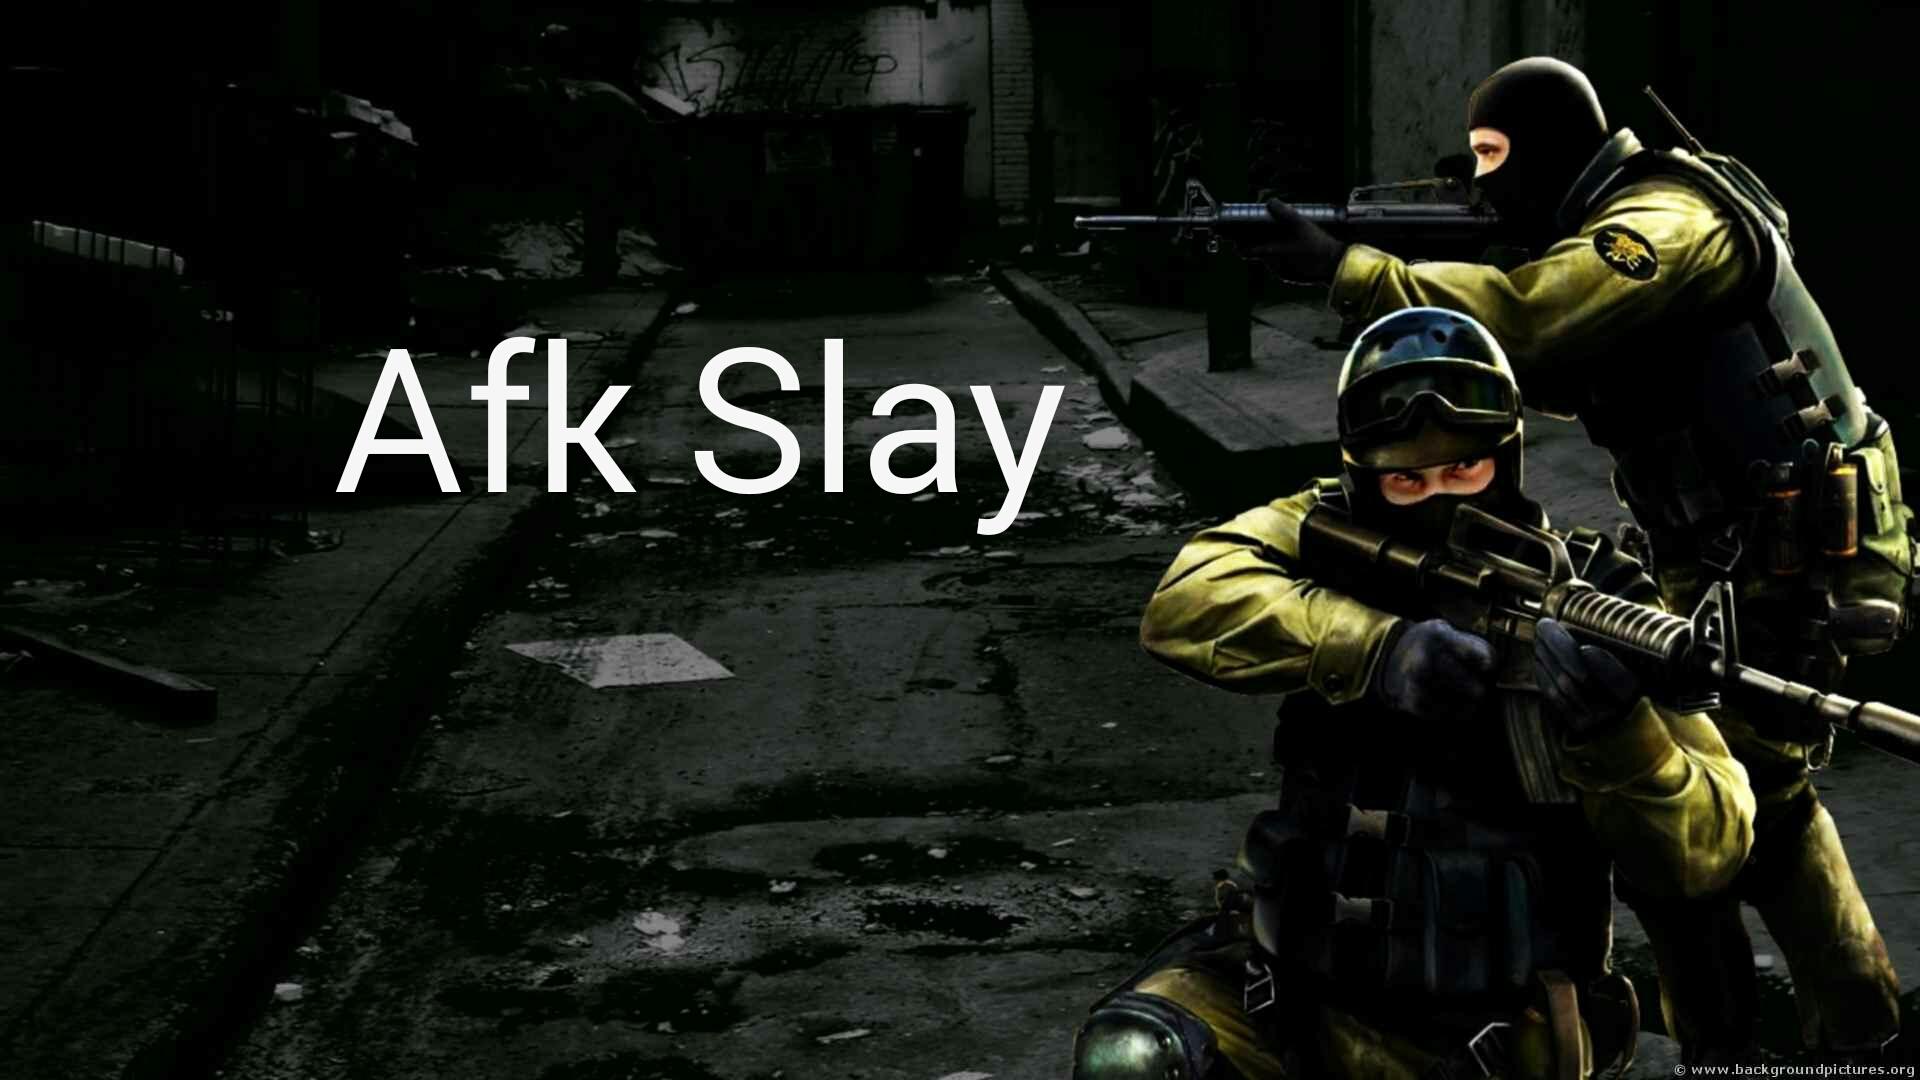 دانلود پلاگین Afk Slay برای کانتر استریک 1.6